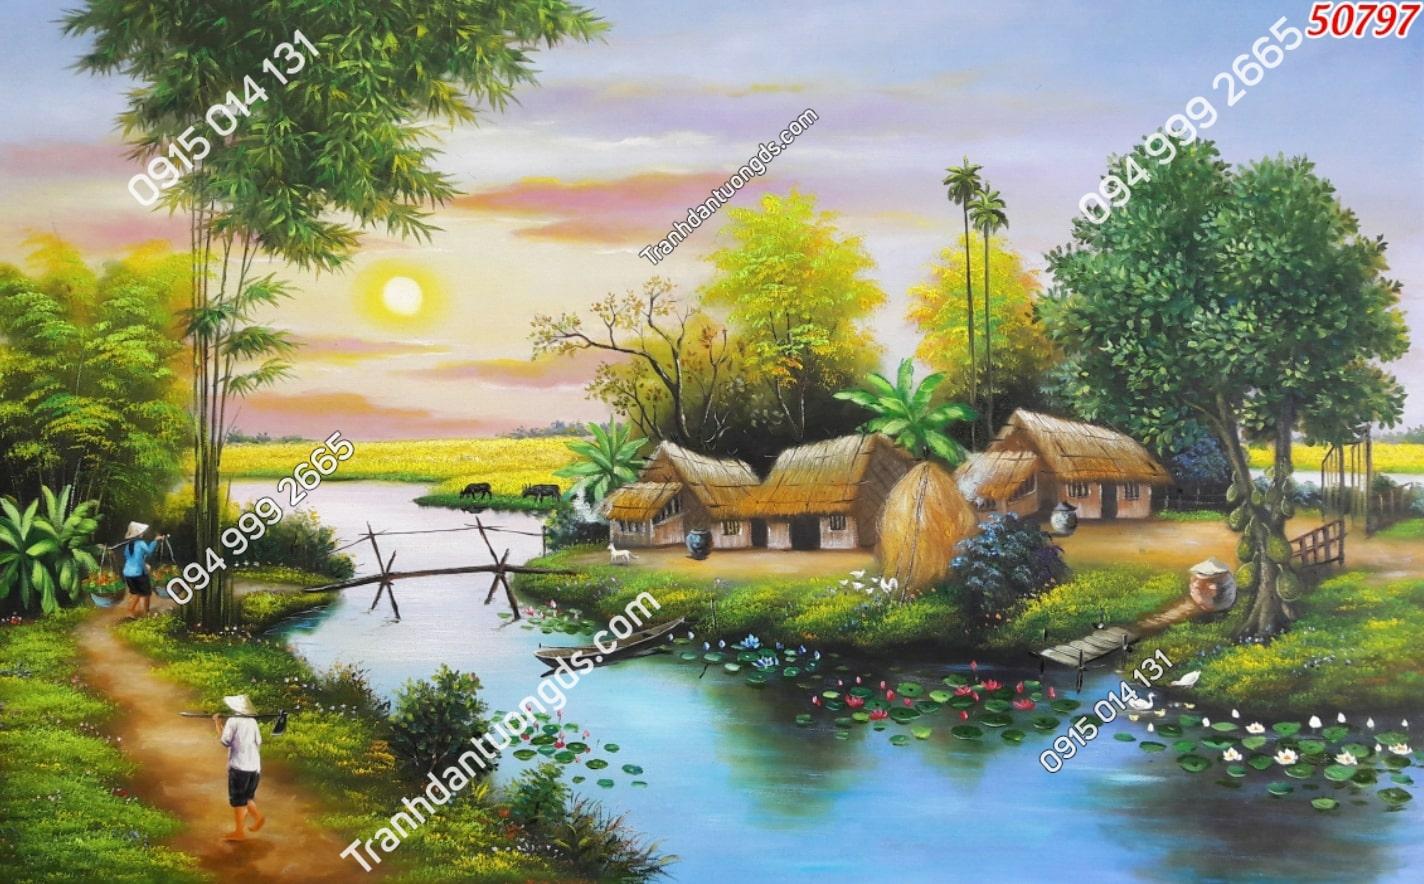 Tranh con sông quê êm đềm 50797